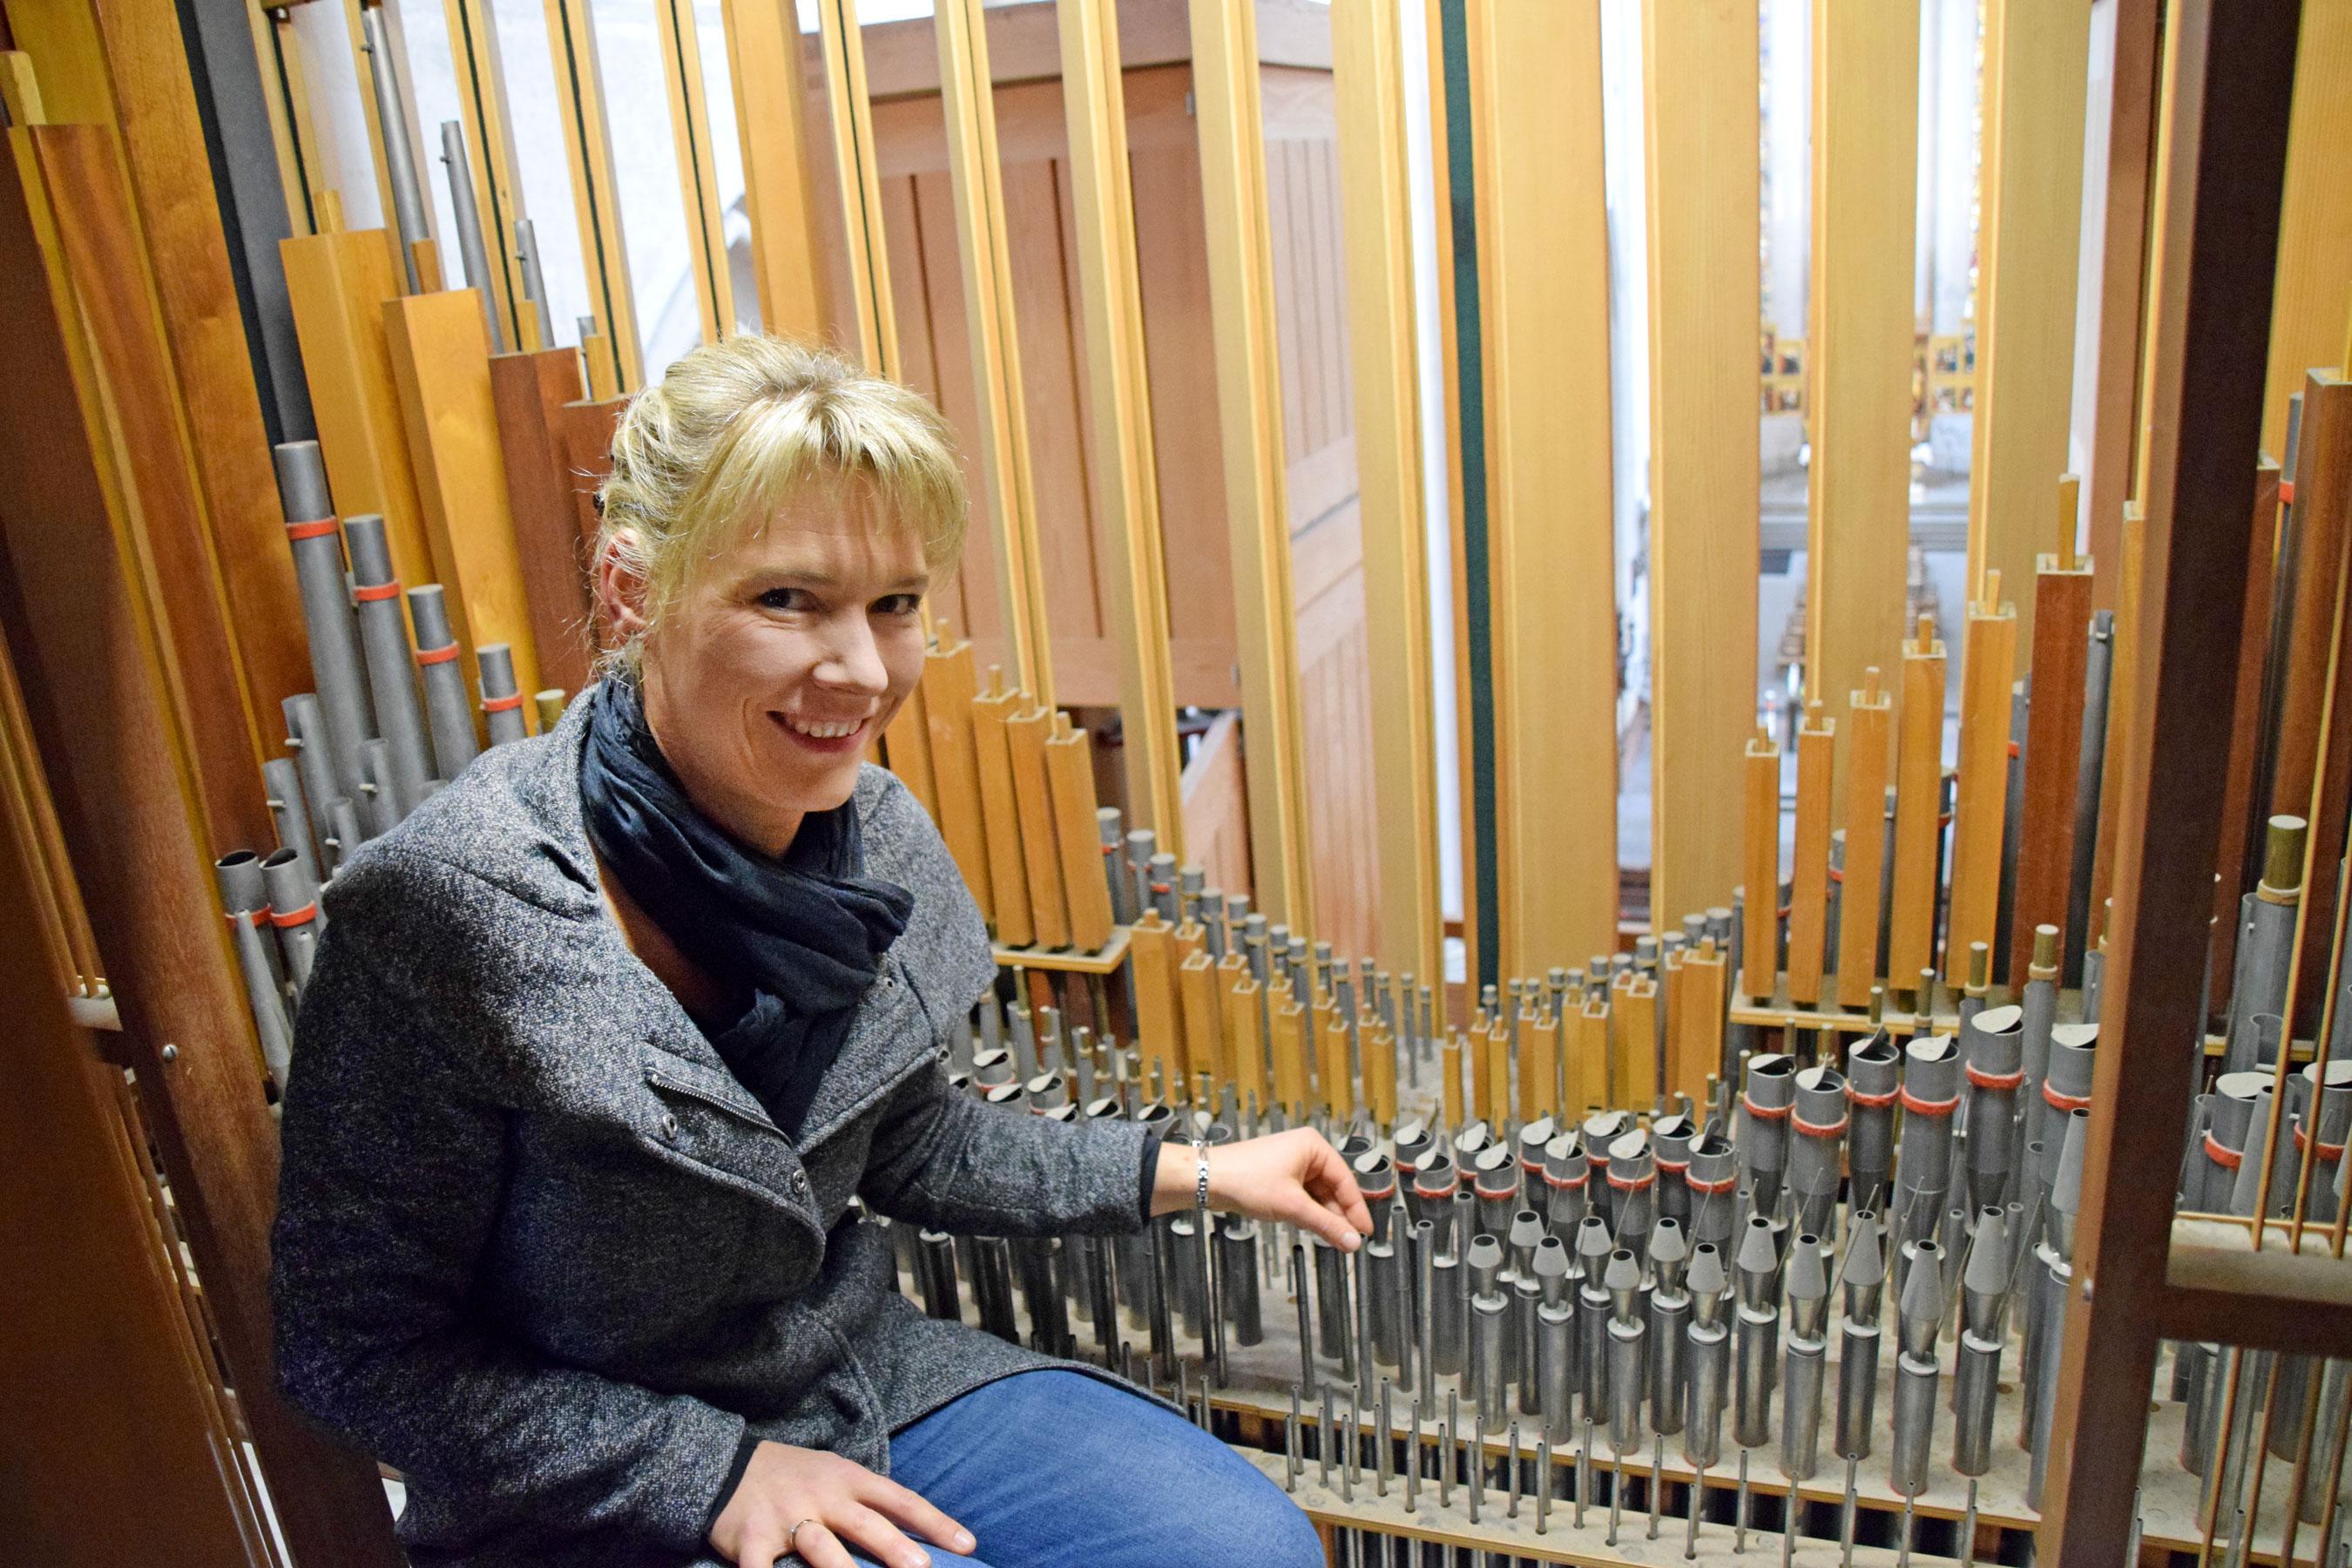 Kantorin Jasmin Neubauer im Inneren der Rieger-Orgel. Der Staub von 52 Jahren hat sich hier gesammelt. Nun wird die Orgel generalüberholt und deshalb weitgehend abgebaut.  Foto: am